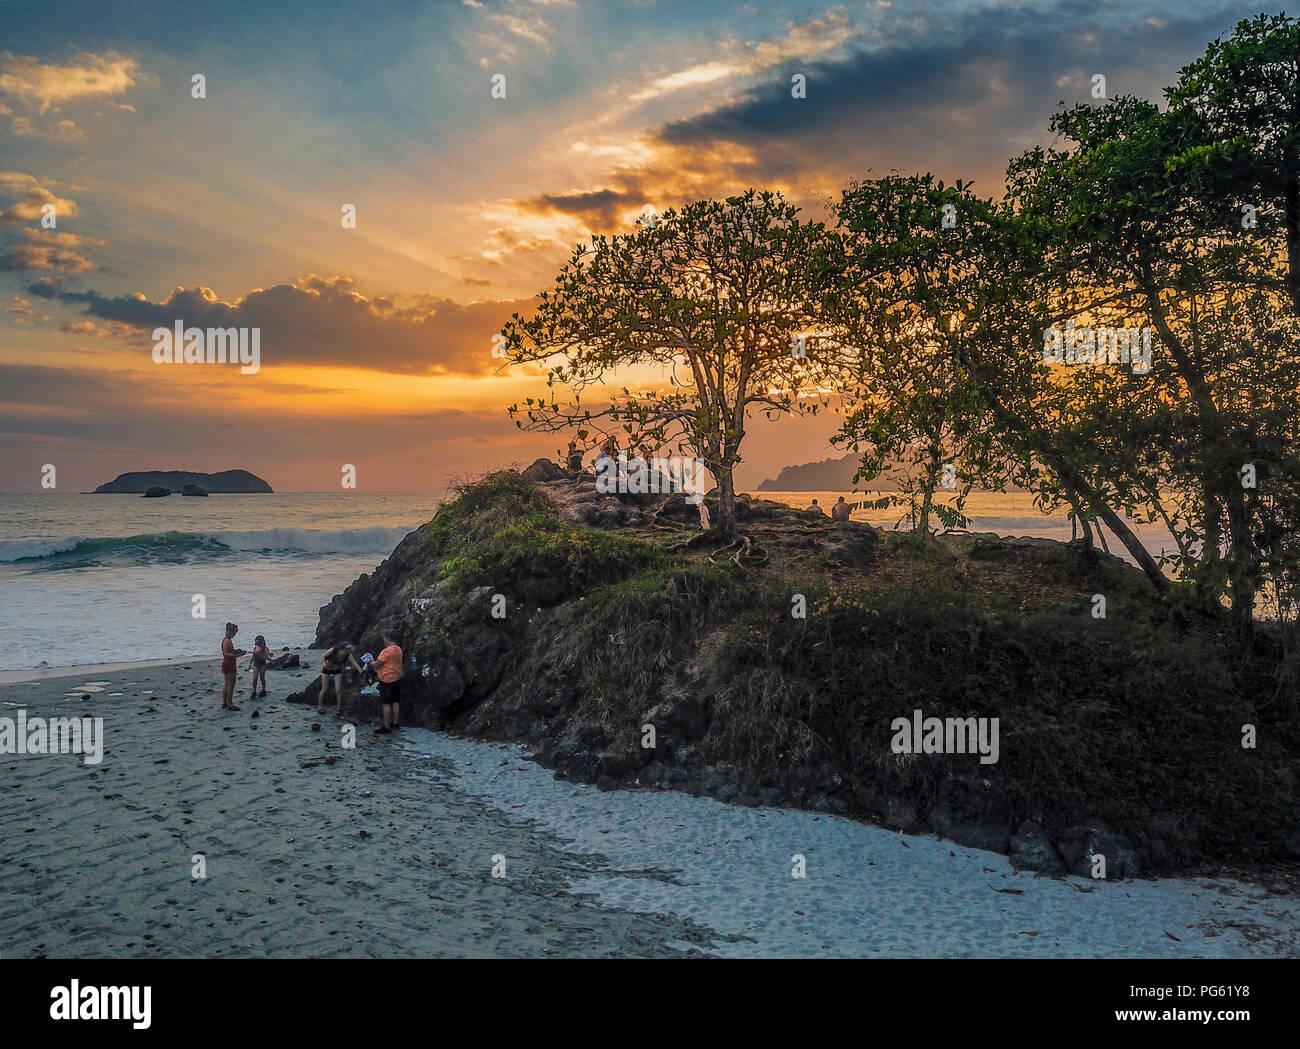 Le persone che si godono il tramonto sulla spiaggia, parco nazionale di Corcovado, Osa Peninsula, Costa Rica. Questa immagine viene girato utilizzando un drone. Immagini Stock